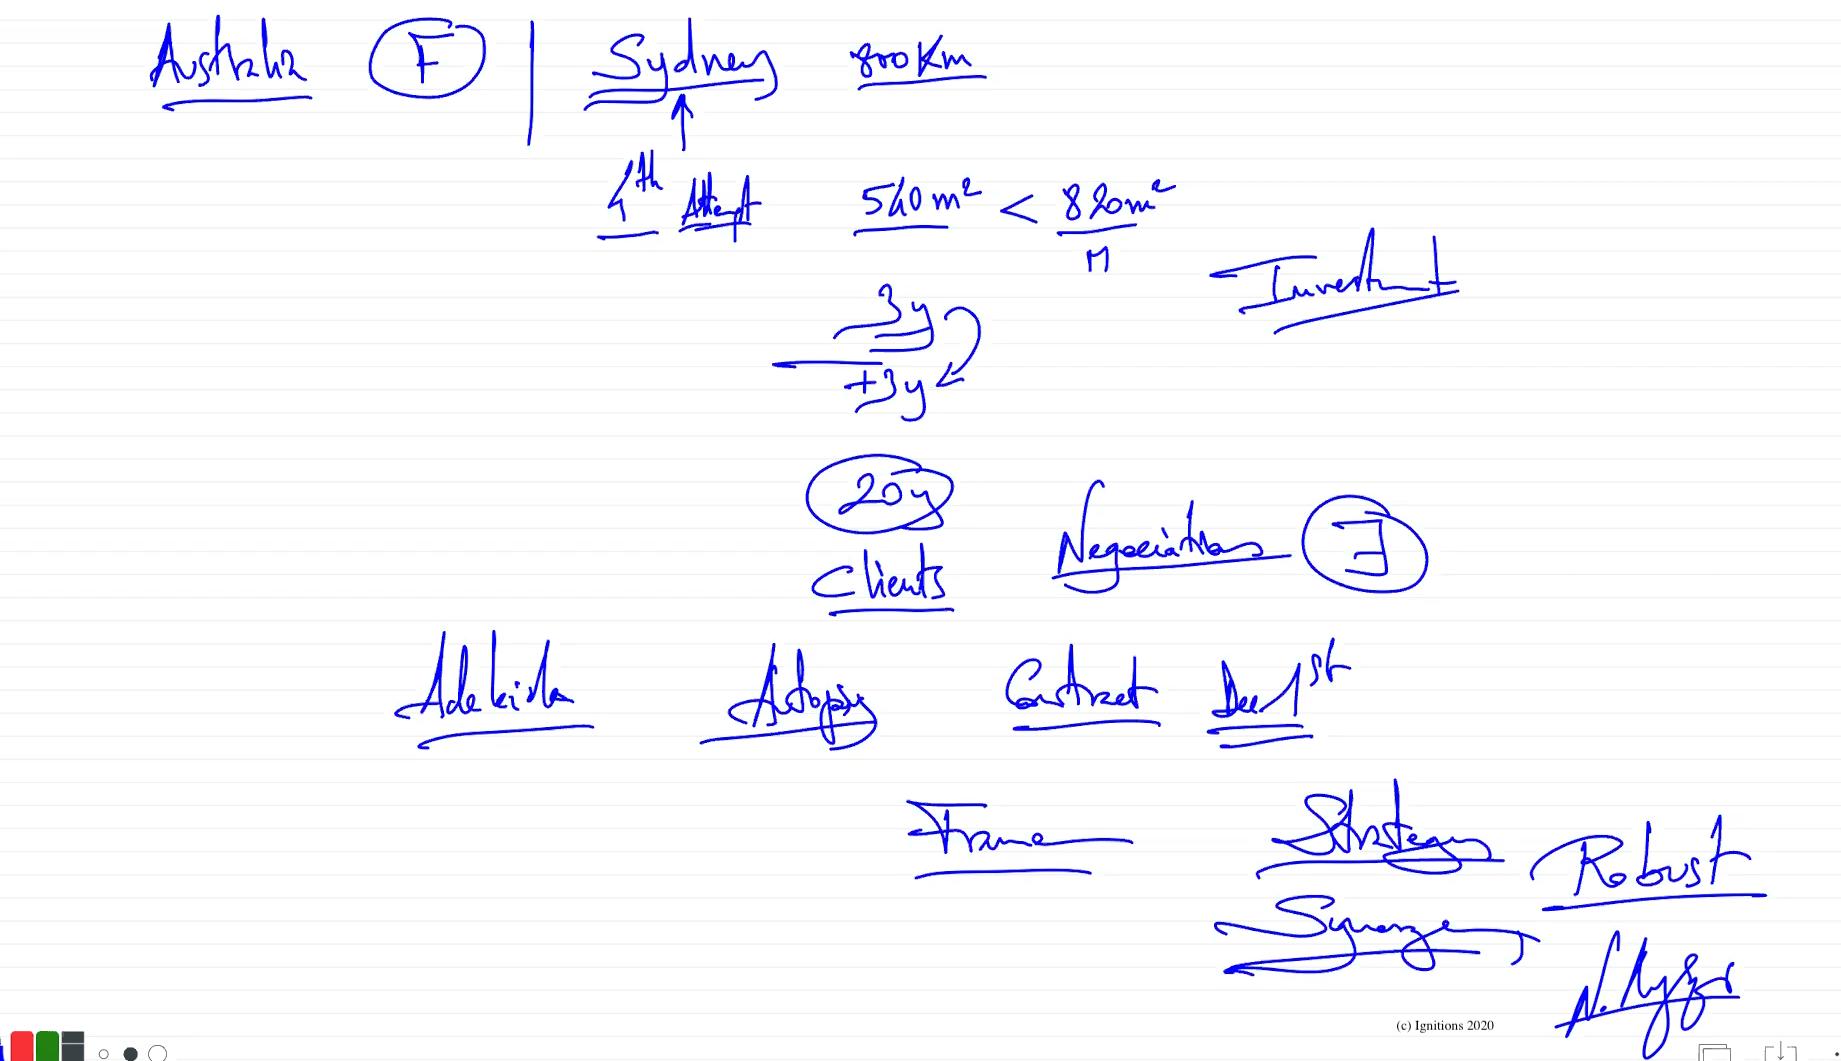 56682 - e-Μάθημα II:Covid-19 and Geopolitics. (Dessin)